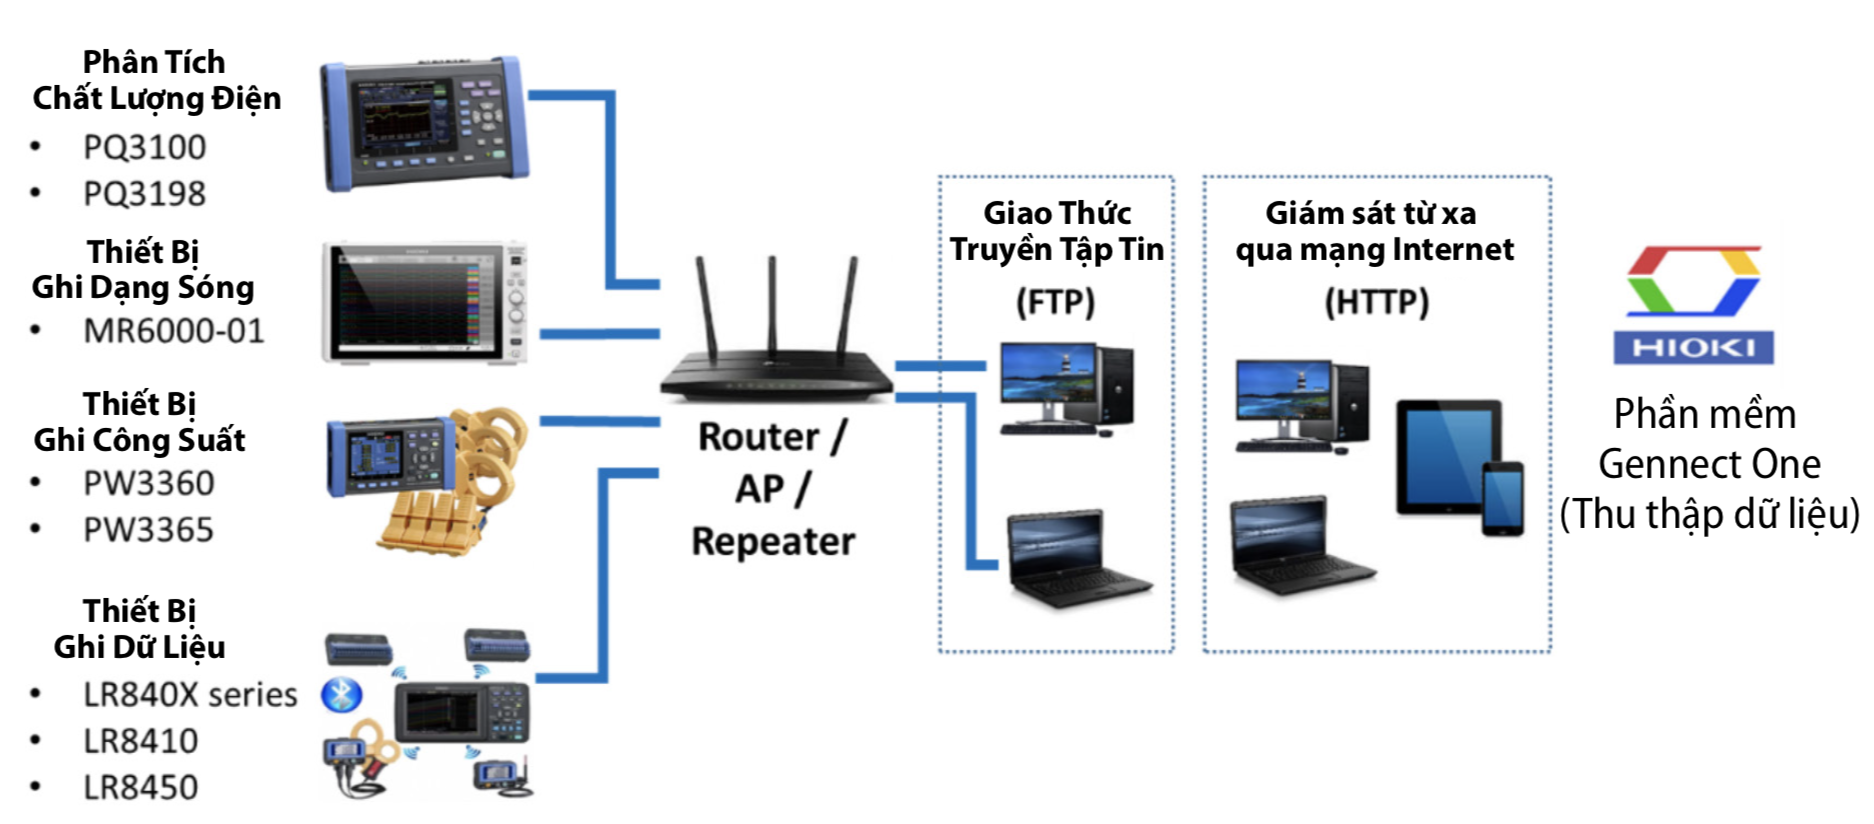 Các Thiết Bị Hioki Được Hỗ Trợ Bởi Phần Mềm Gennect One Để Tạo Hệ Thống IoT